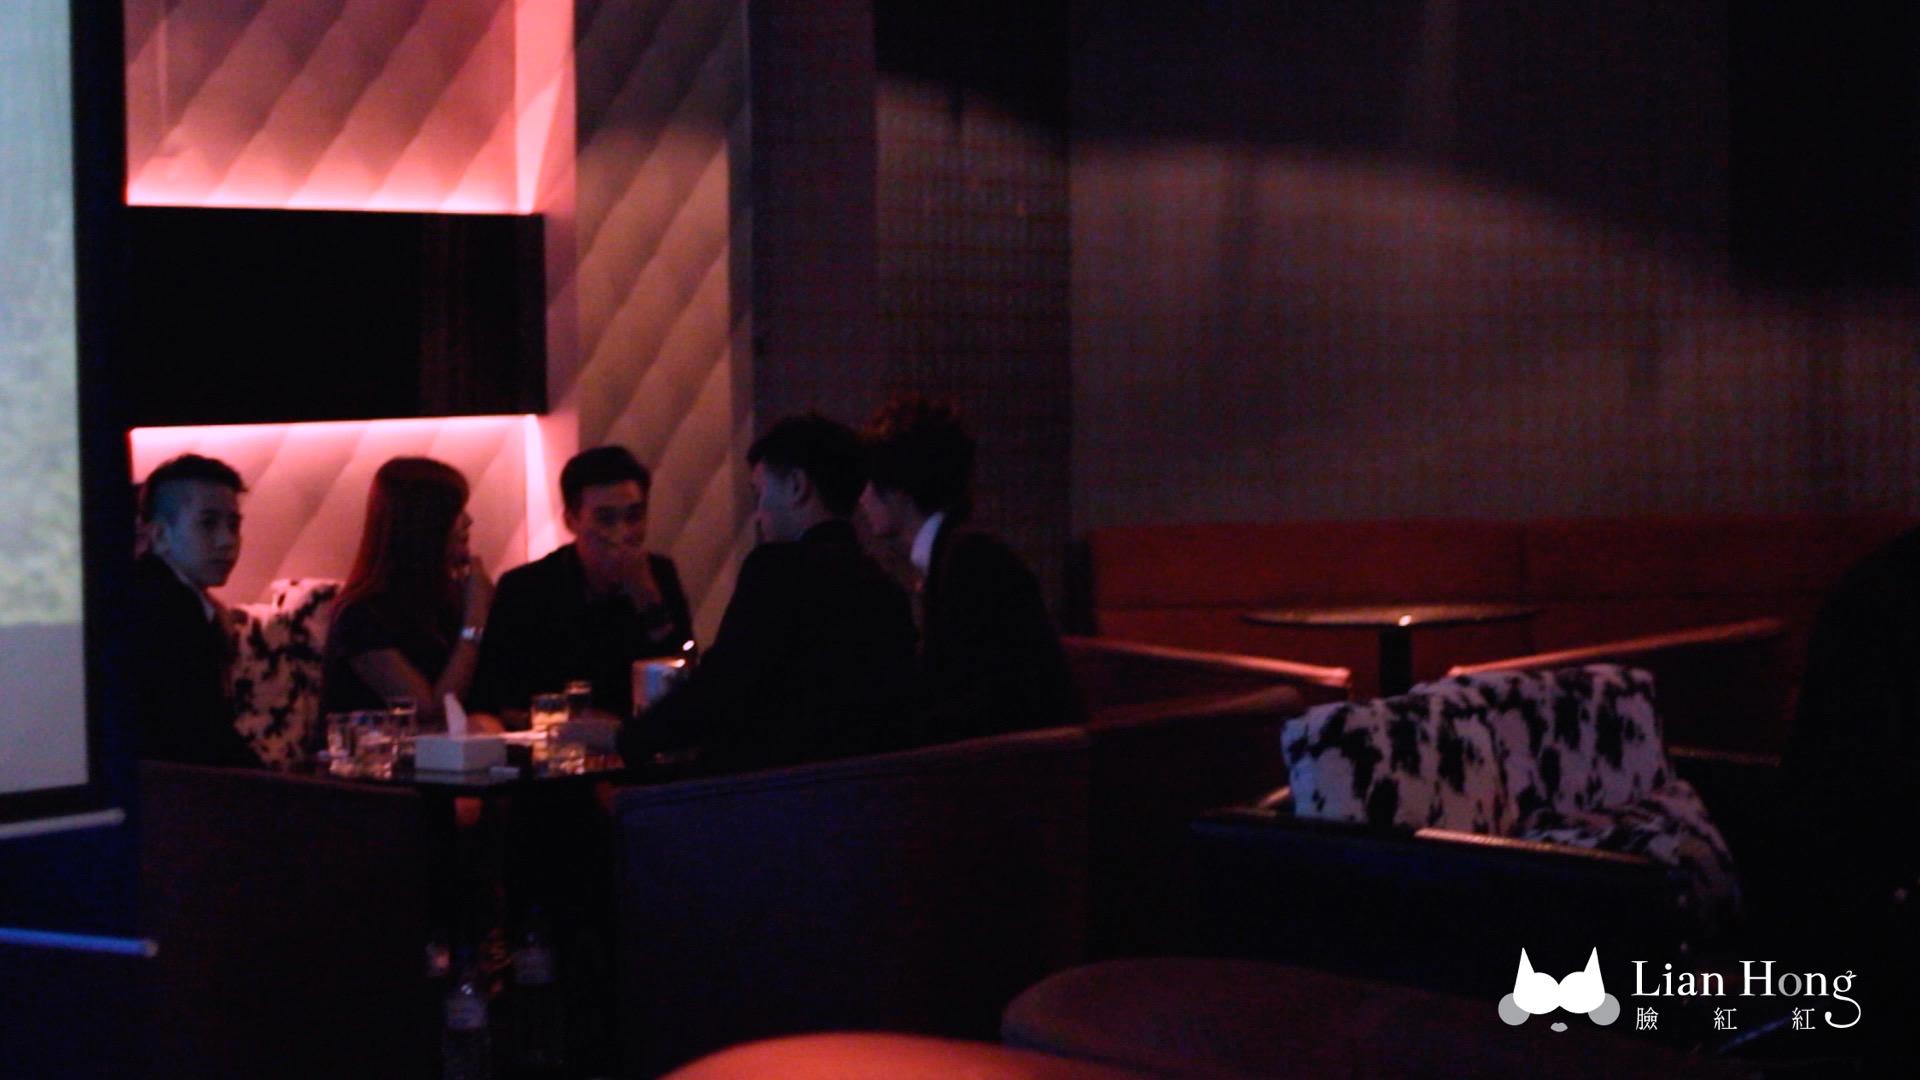 男公關店揭秘:想喝酒、跳舞,還是談一場戀愛?